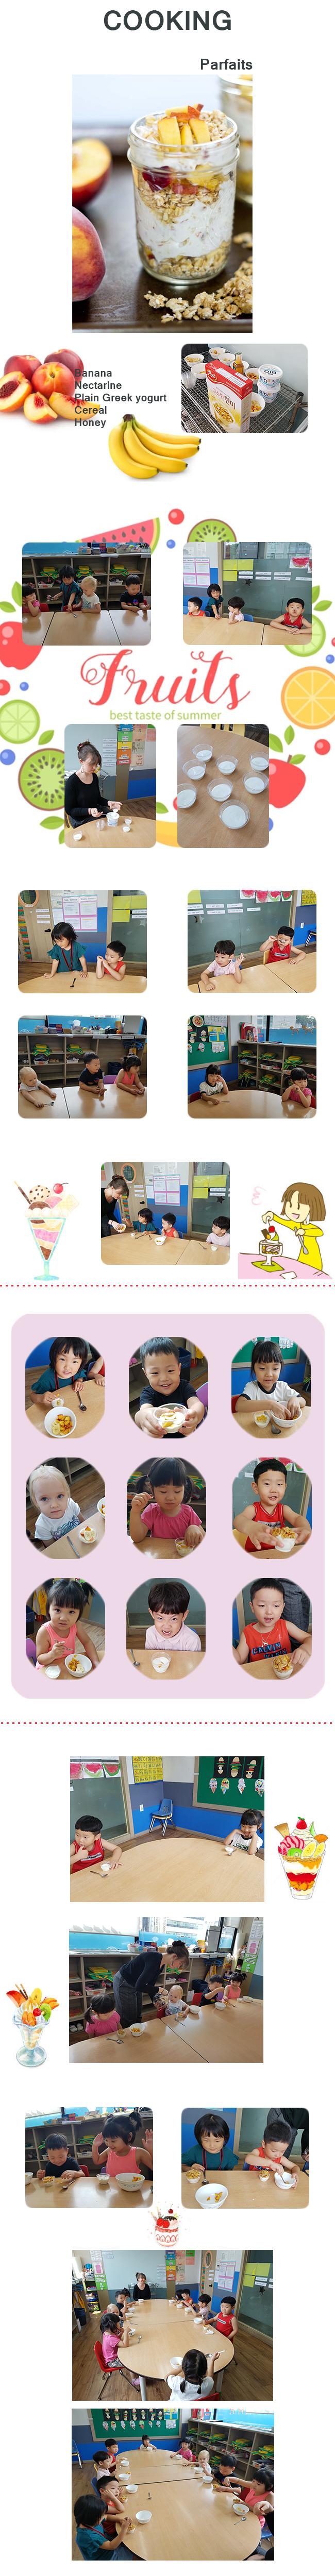 0808_cooking.jpg